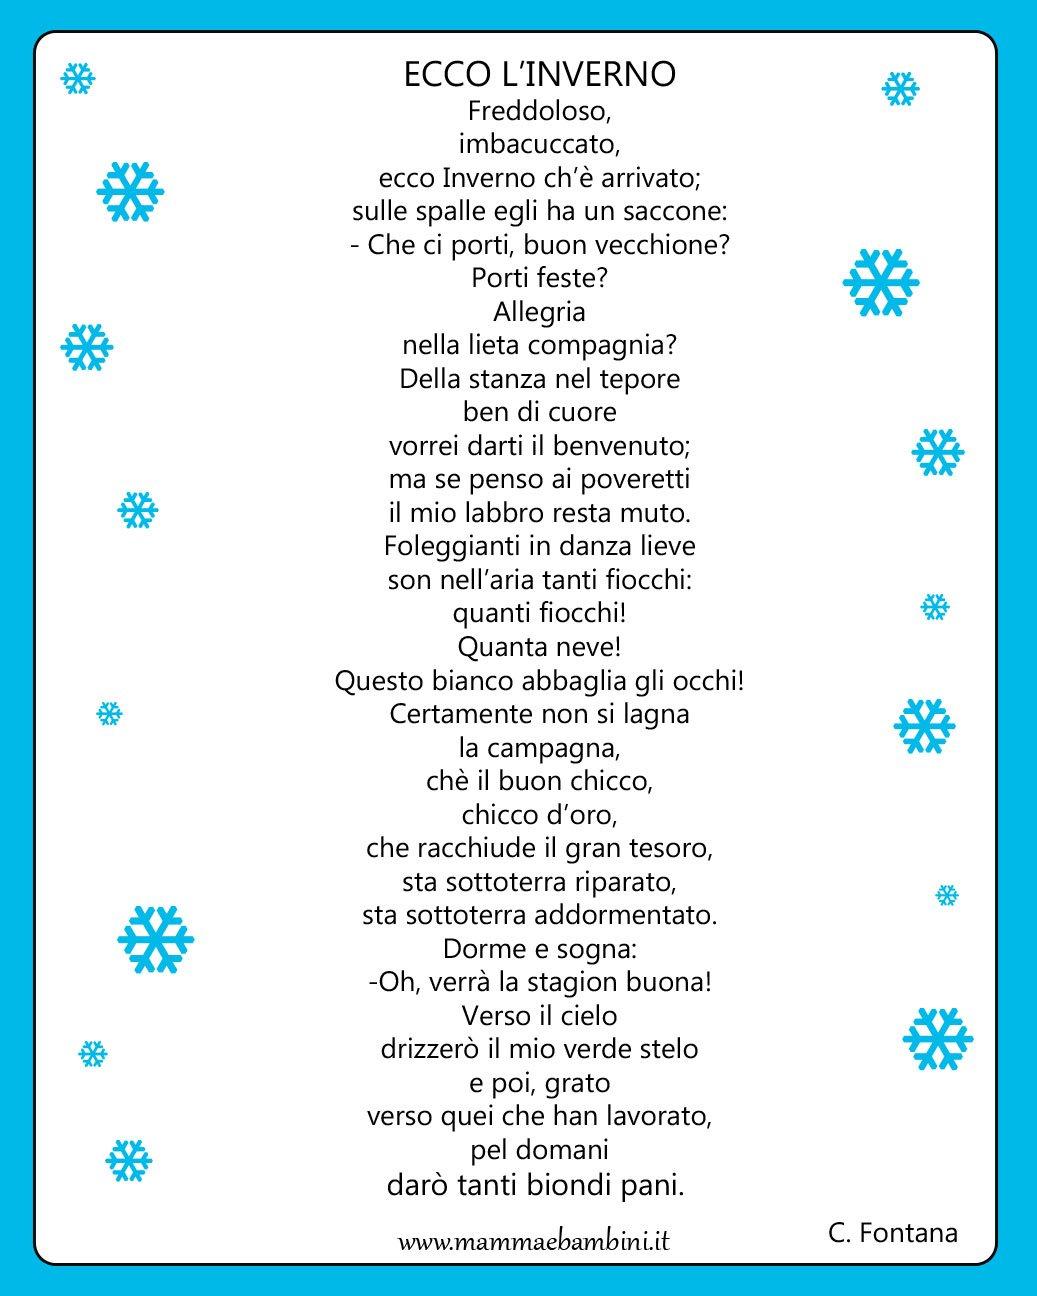 poesia ecco l'inverno